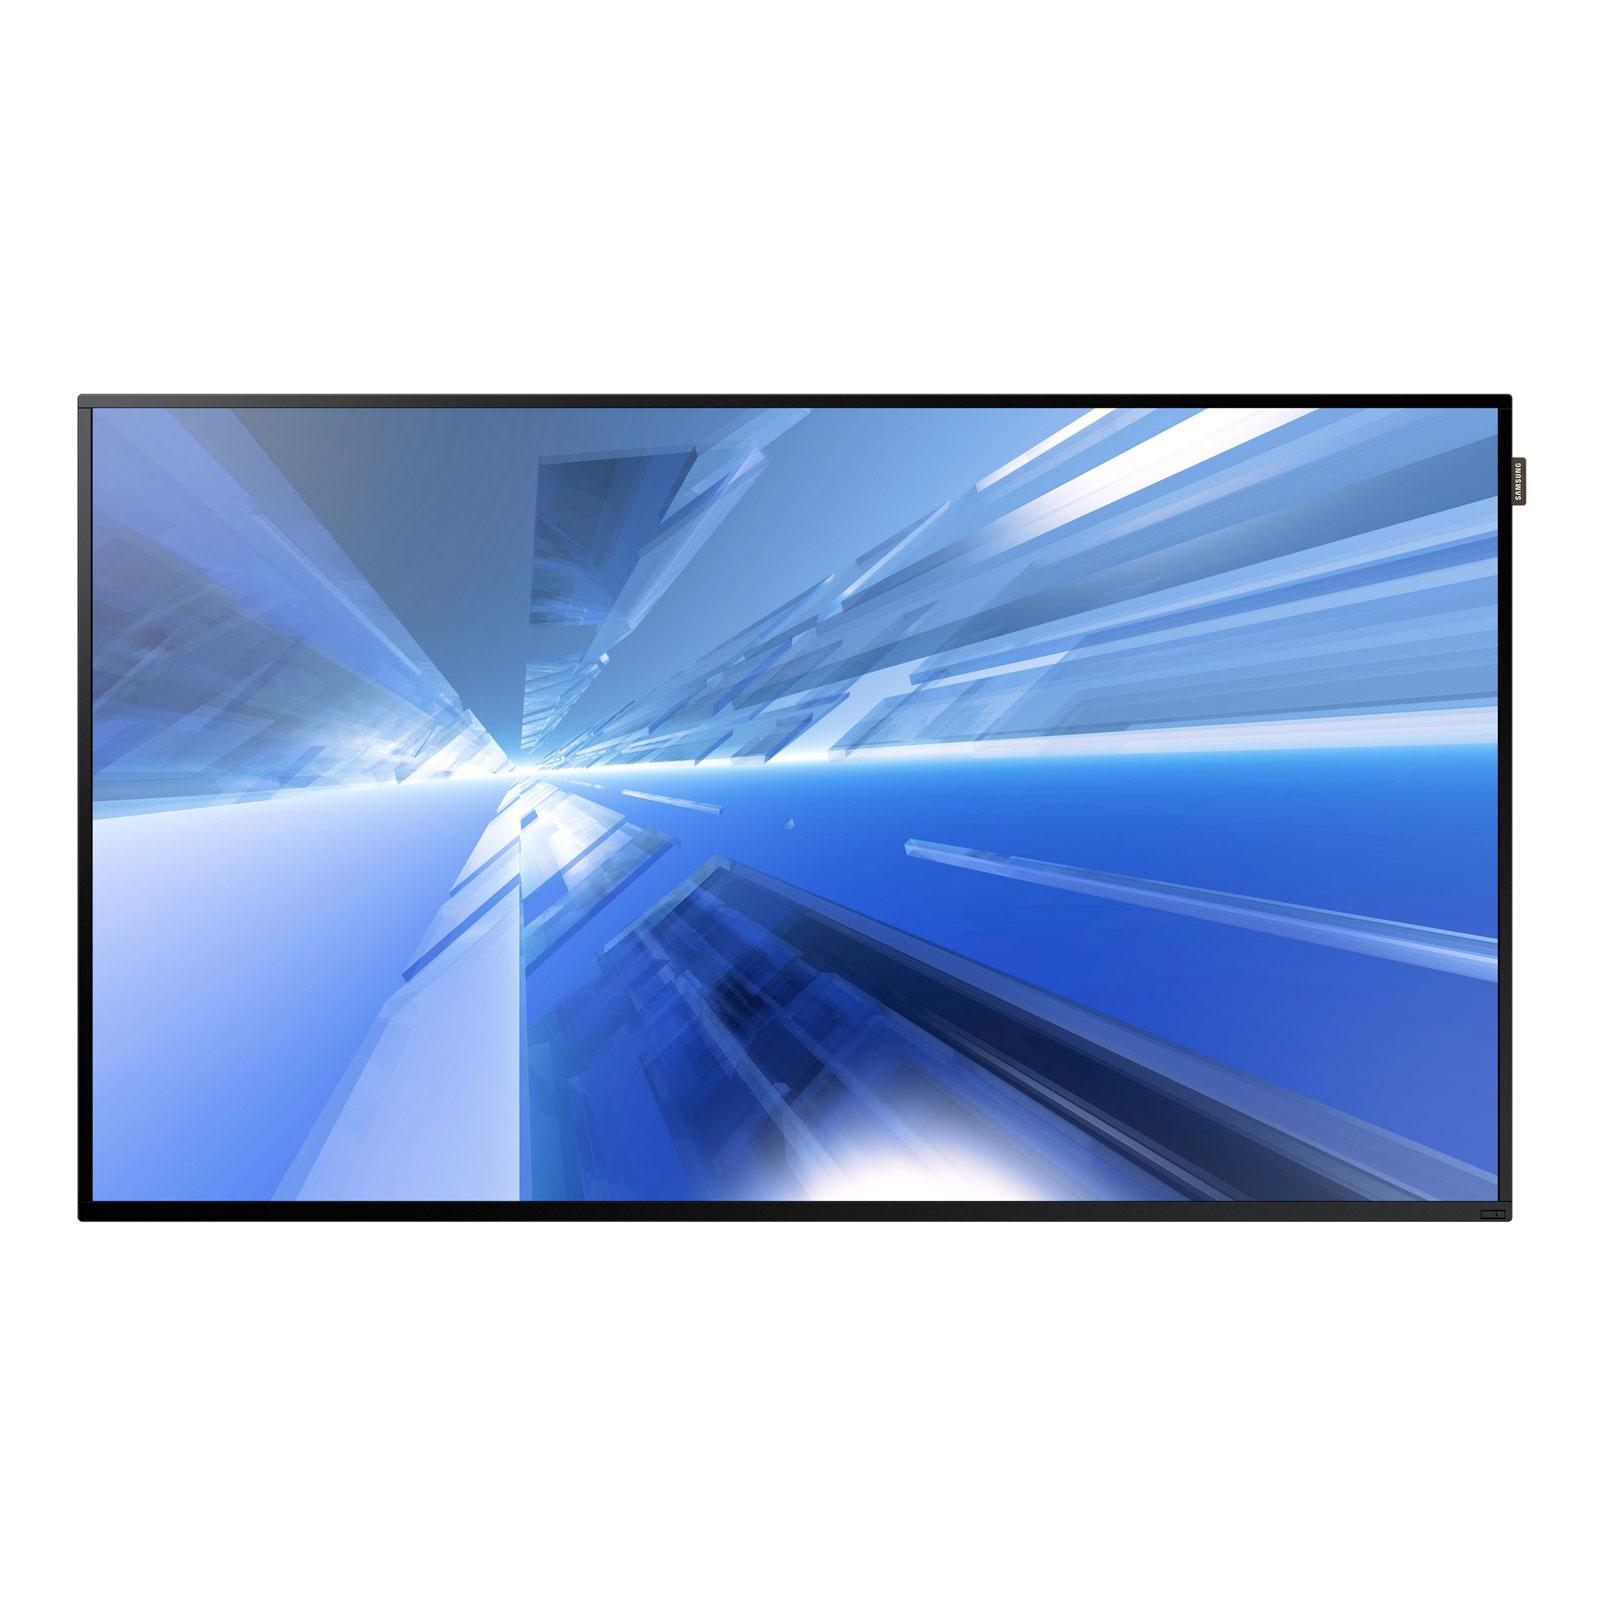 """Ecran dynamique Samsung 48"""" LED DM48E 1920 x 1080 pixels 16:9 - 5000:1 - 8 ms - HDMI - Wi-Fi - Haut parleurs intégrés - Noir"""